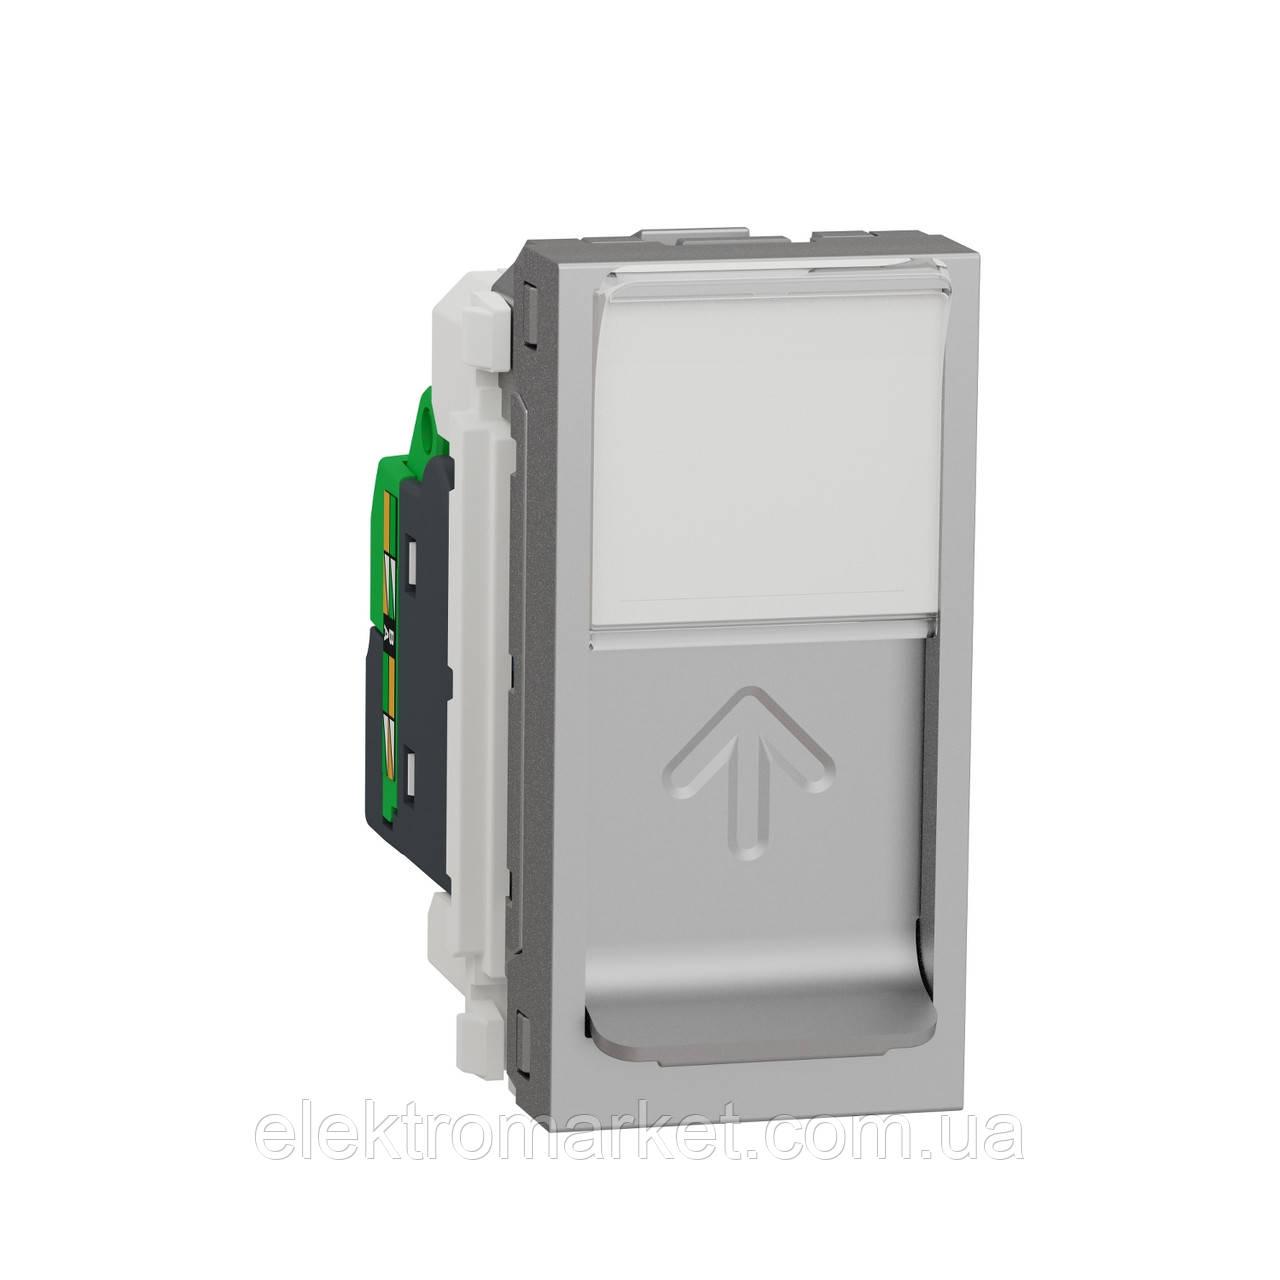 Розетка комп'ютерна RJ45, одинарна категорія 5 UTP, 1 модуль, алюміній